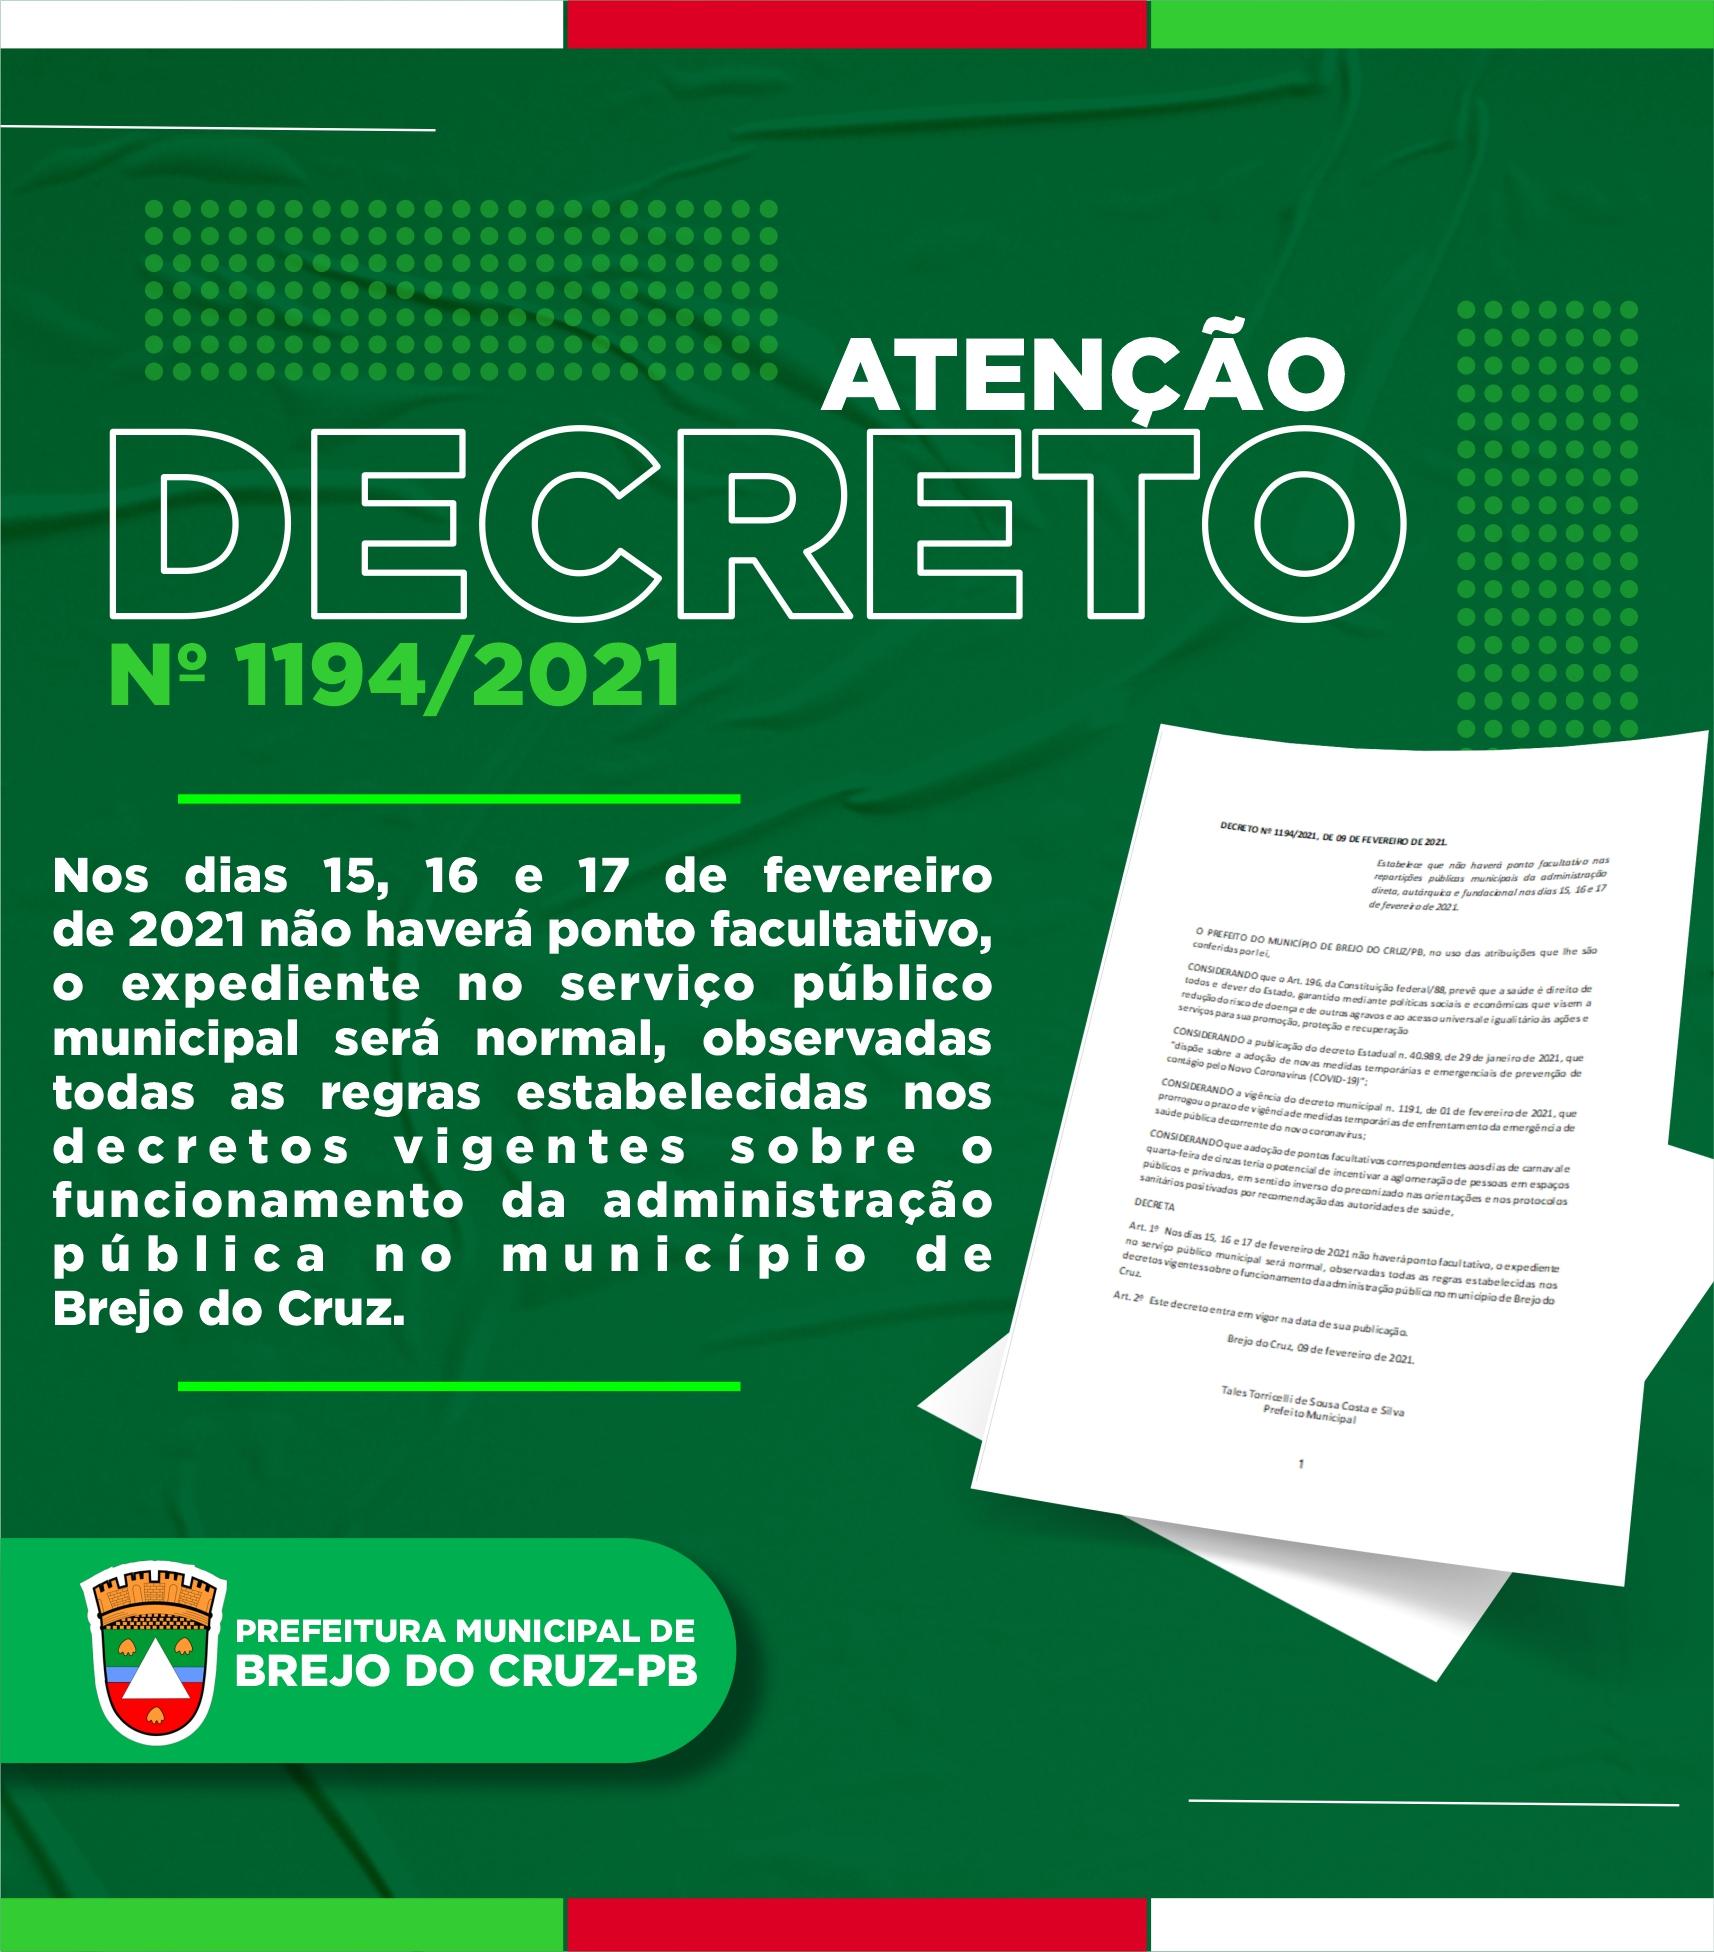 Nos dias 15, 16 e 17 de fevereiro de 2021 não haverá ponto facultativo em Brejo do Cruz